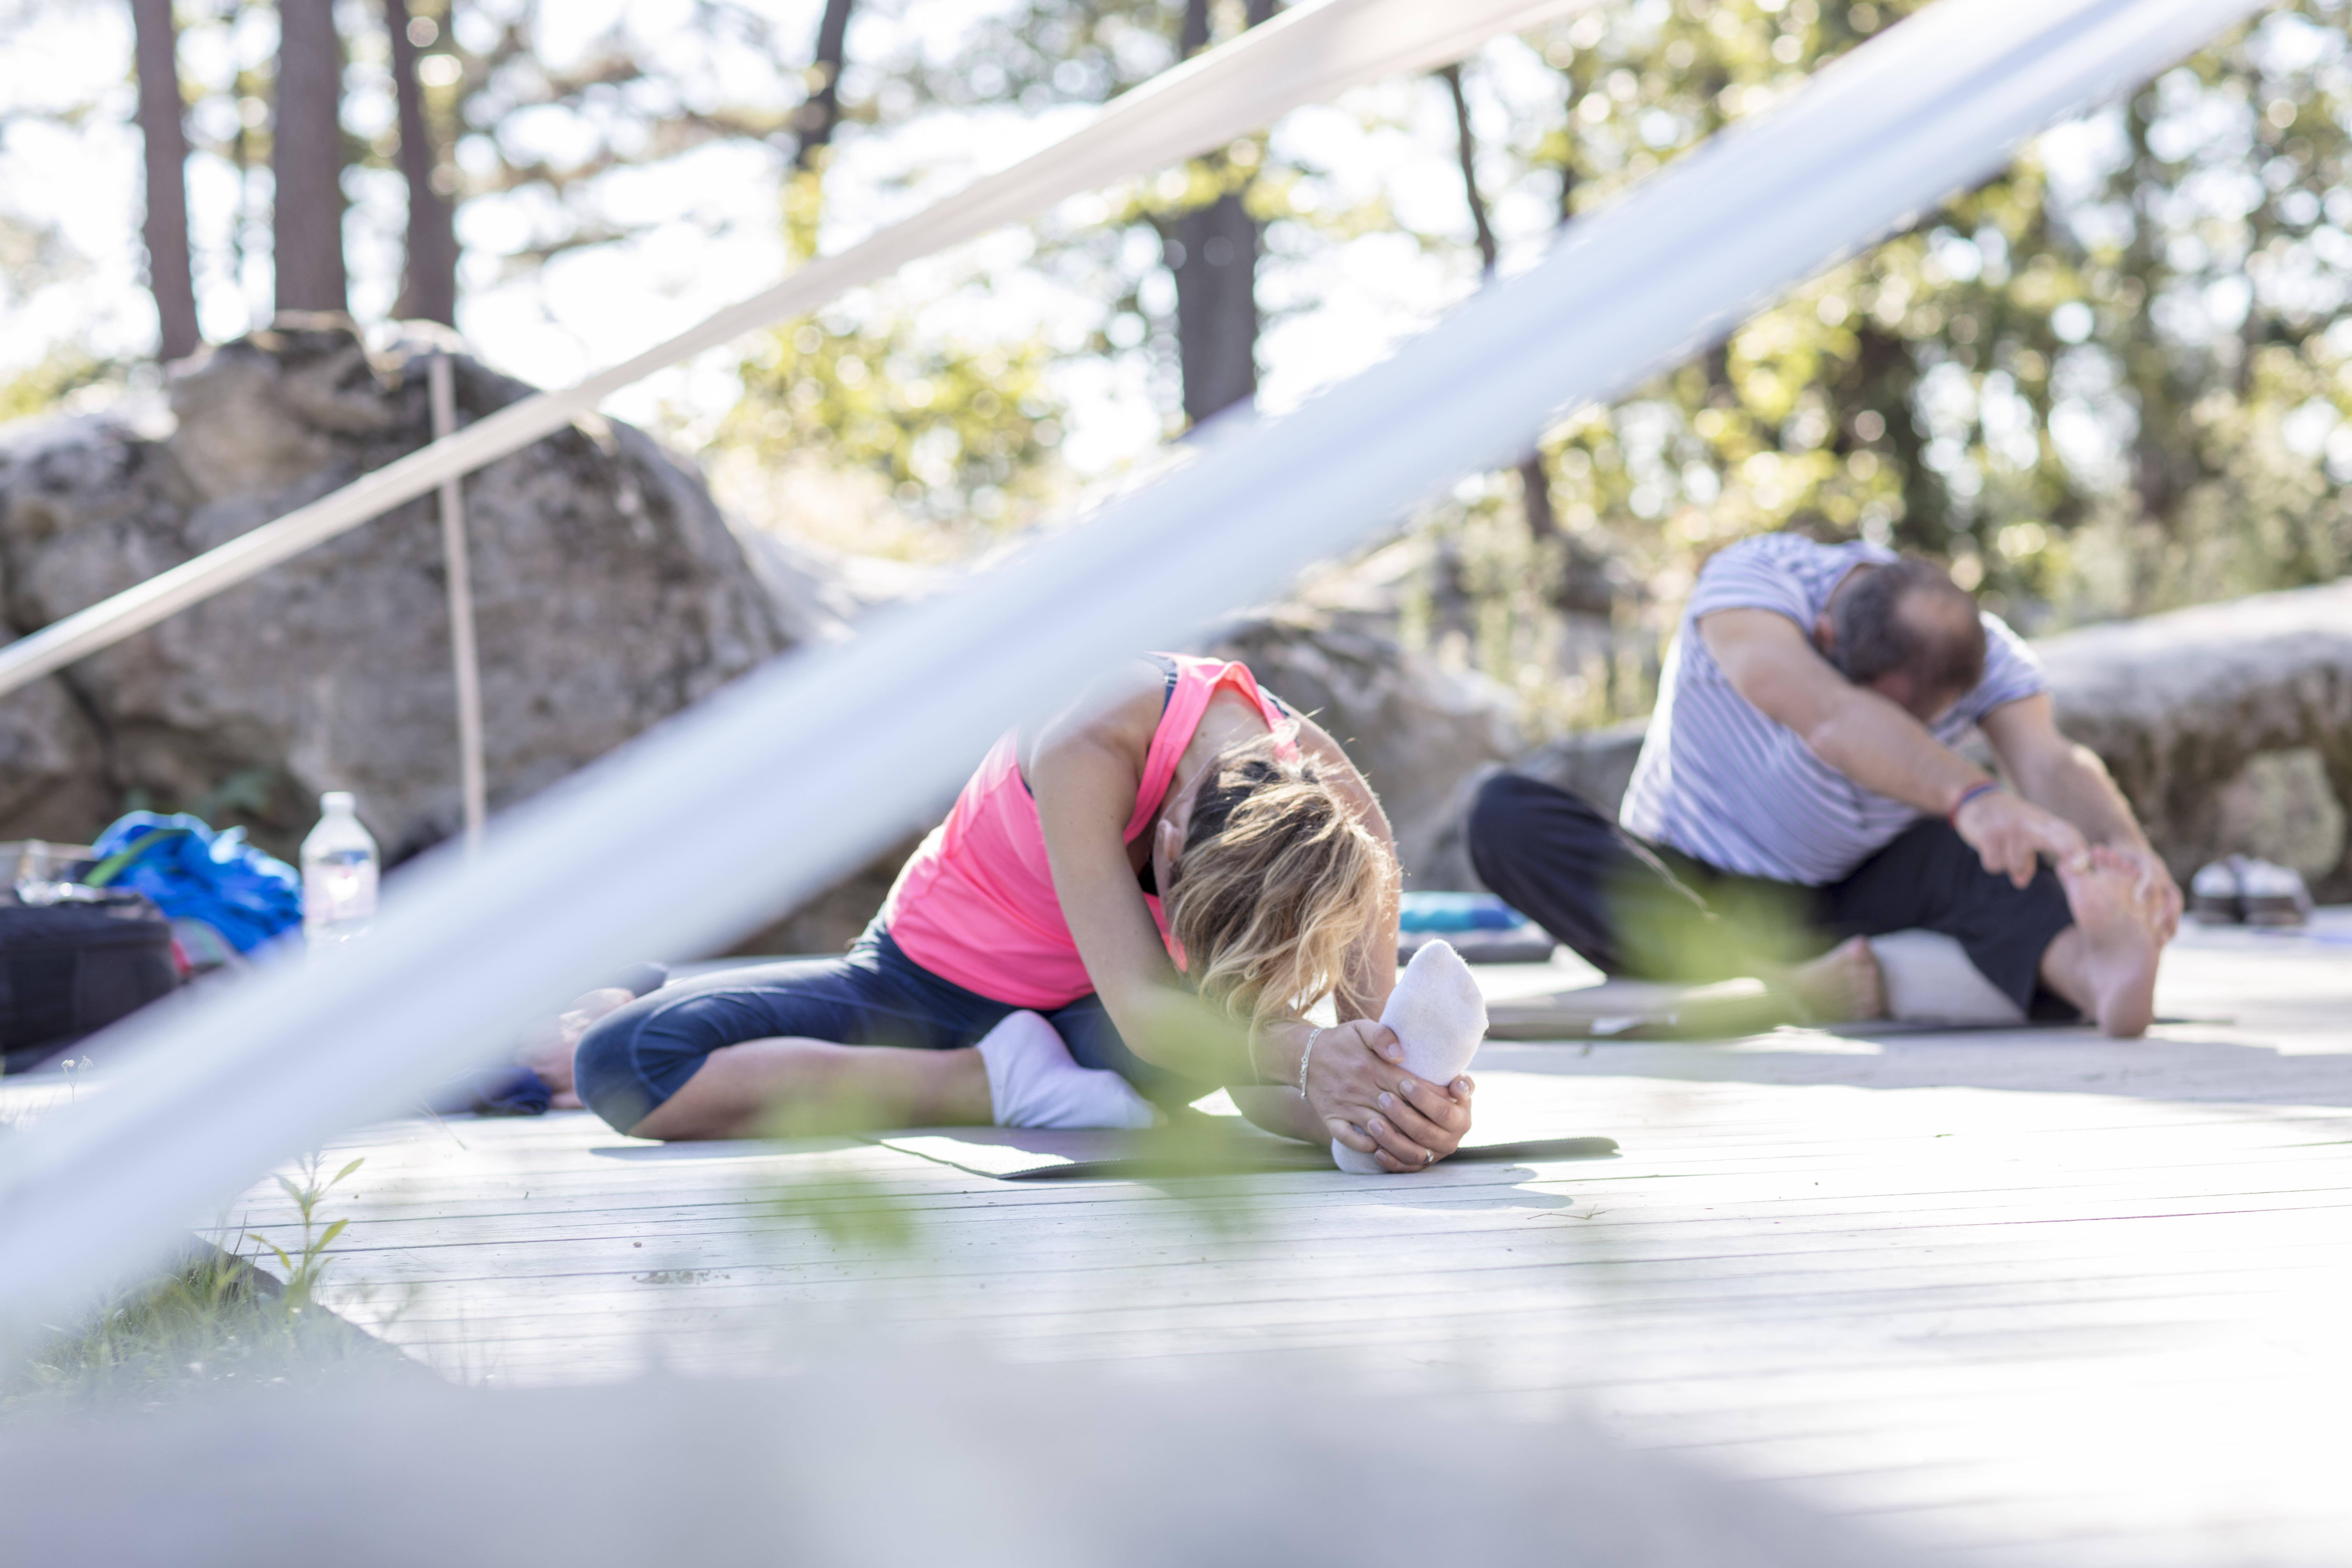 Retraite yoga – 2020/09 septembre – Retraite Yoga d'été